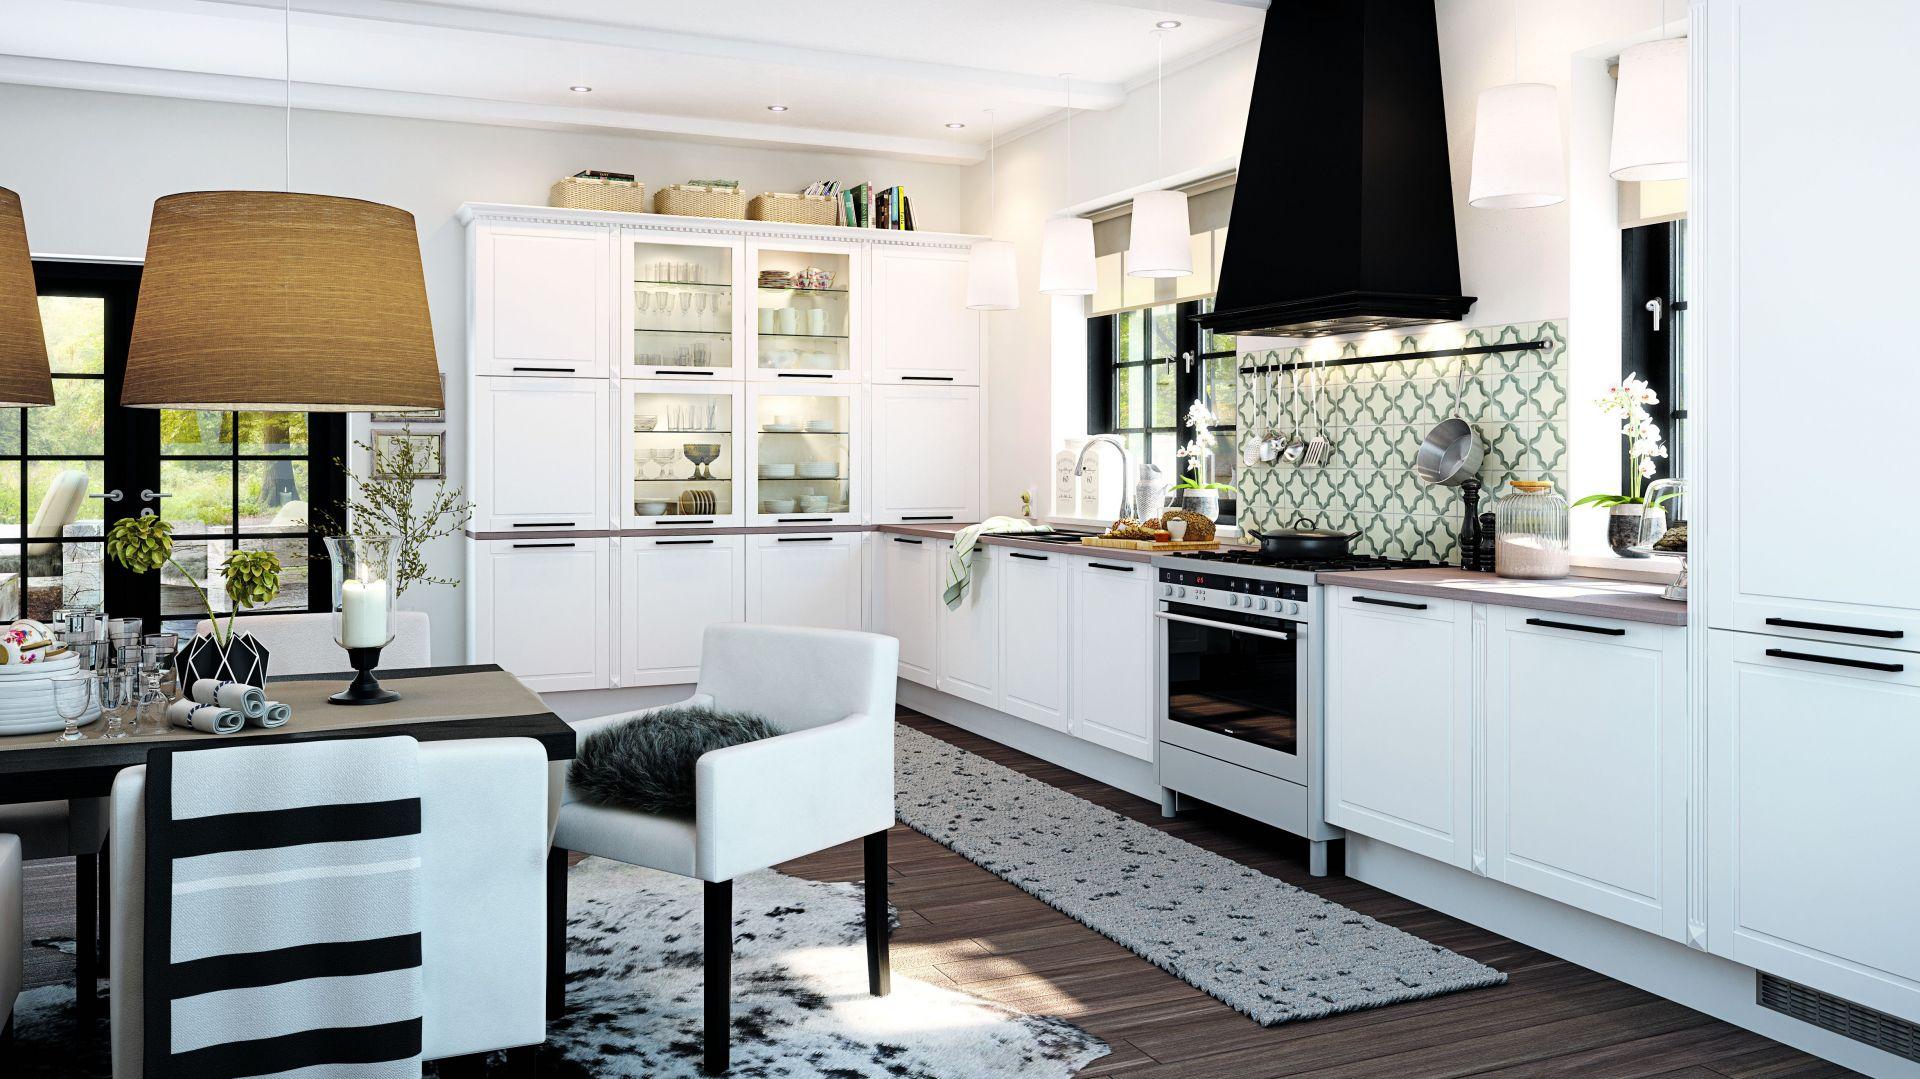 Kuchnia marki HTH. Jeśli dysponujemy niewielką przestrzenią lepiej zdecydować się na białe meble, jednak czerń również może pojawić się w postaci subtelnych akcentów jak dodatki, czy sprzęty AGD. Fot. HTH